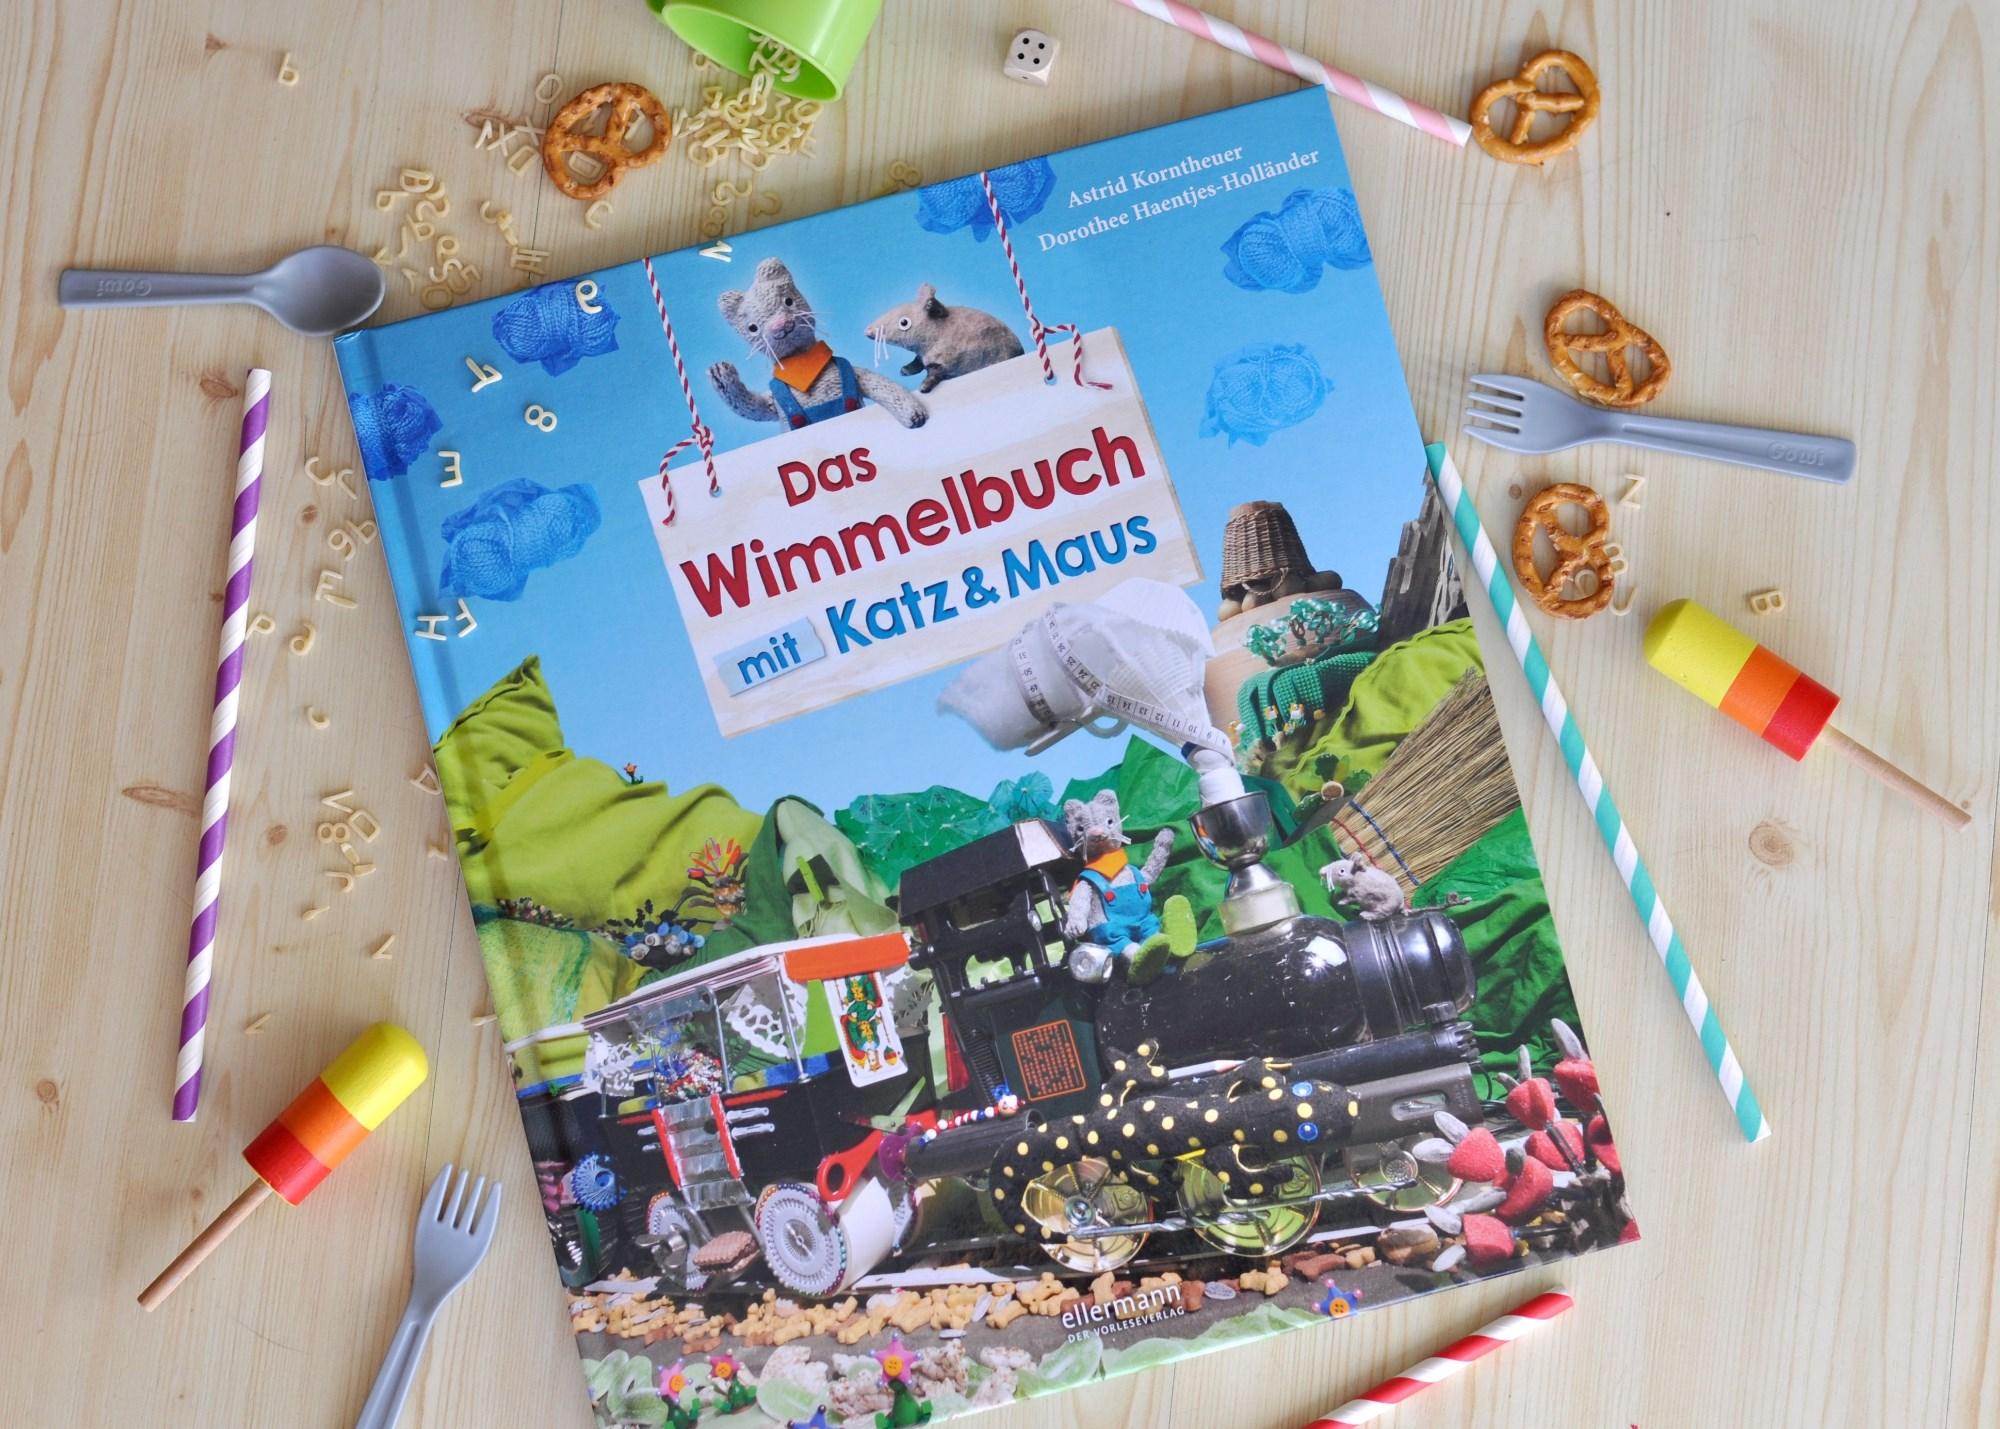 Wimmelbuch mit Katz & Maus - Immer wieder neues entdecken mit fotografierten Alltagsgegenständen #wimmelbuch #kinderbuch #bilderbuch #foto #katze #maus